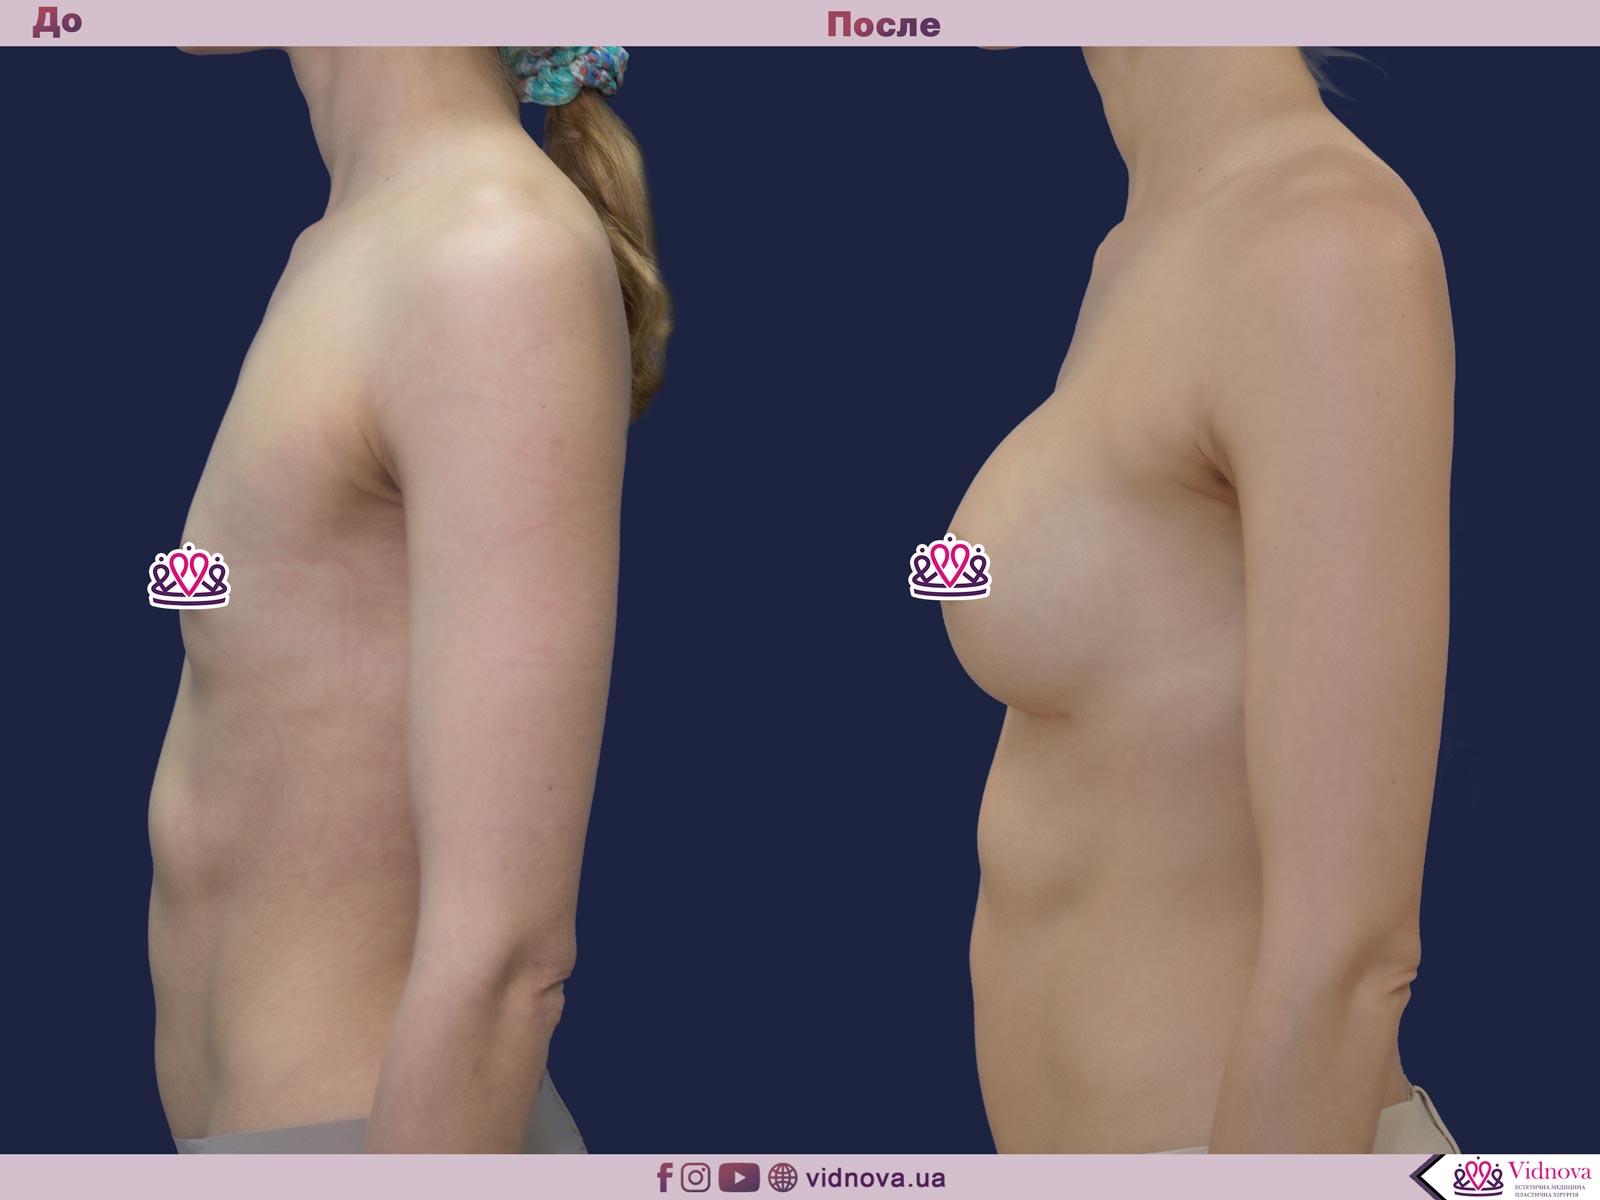 Пластика груди: результаты до и после - Пример №44-2 - Светлана Работенко